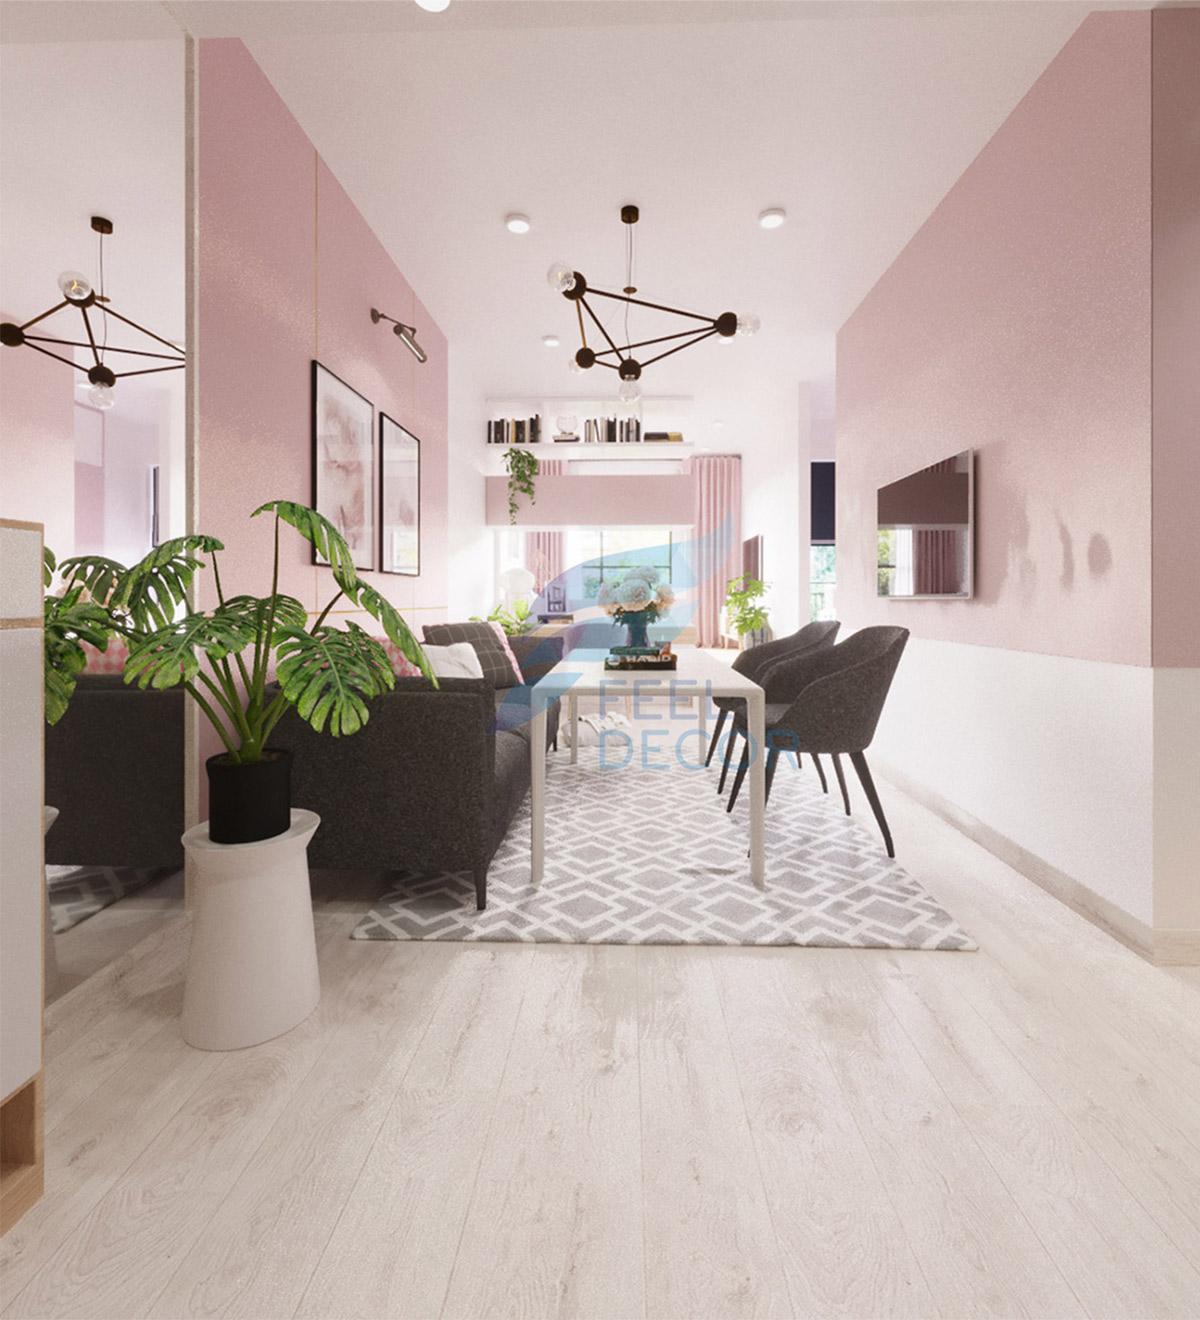 Thiết kế thi công nội thất căn hộ Officetel chung cư Saigon Royal – Chủ đầu tư chị Ngọc